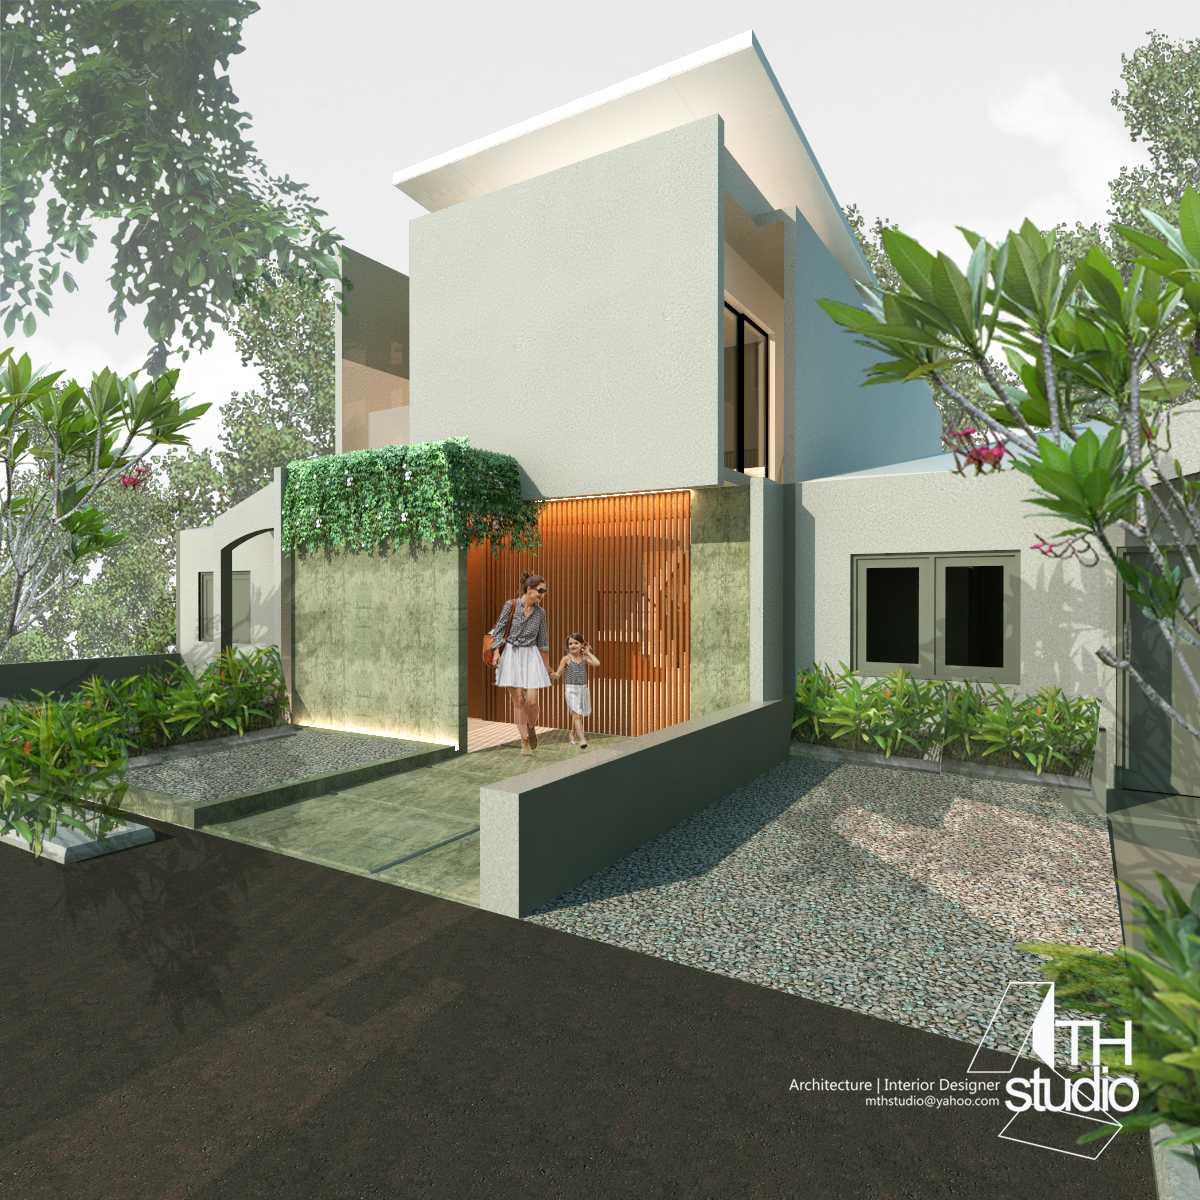 Mth Studio Rumah Taman Century 2 Bekasi.  Bekasi, Kota Bks, Jawa Barat, Indonesia Bekasi, Kota Bks, Jawa Barat, Indonesia Rumah Taman Century 2 Bekasi - Exterior Tropis 45542